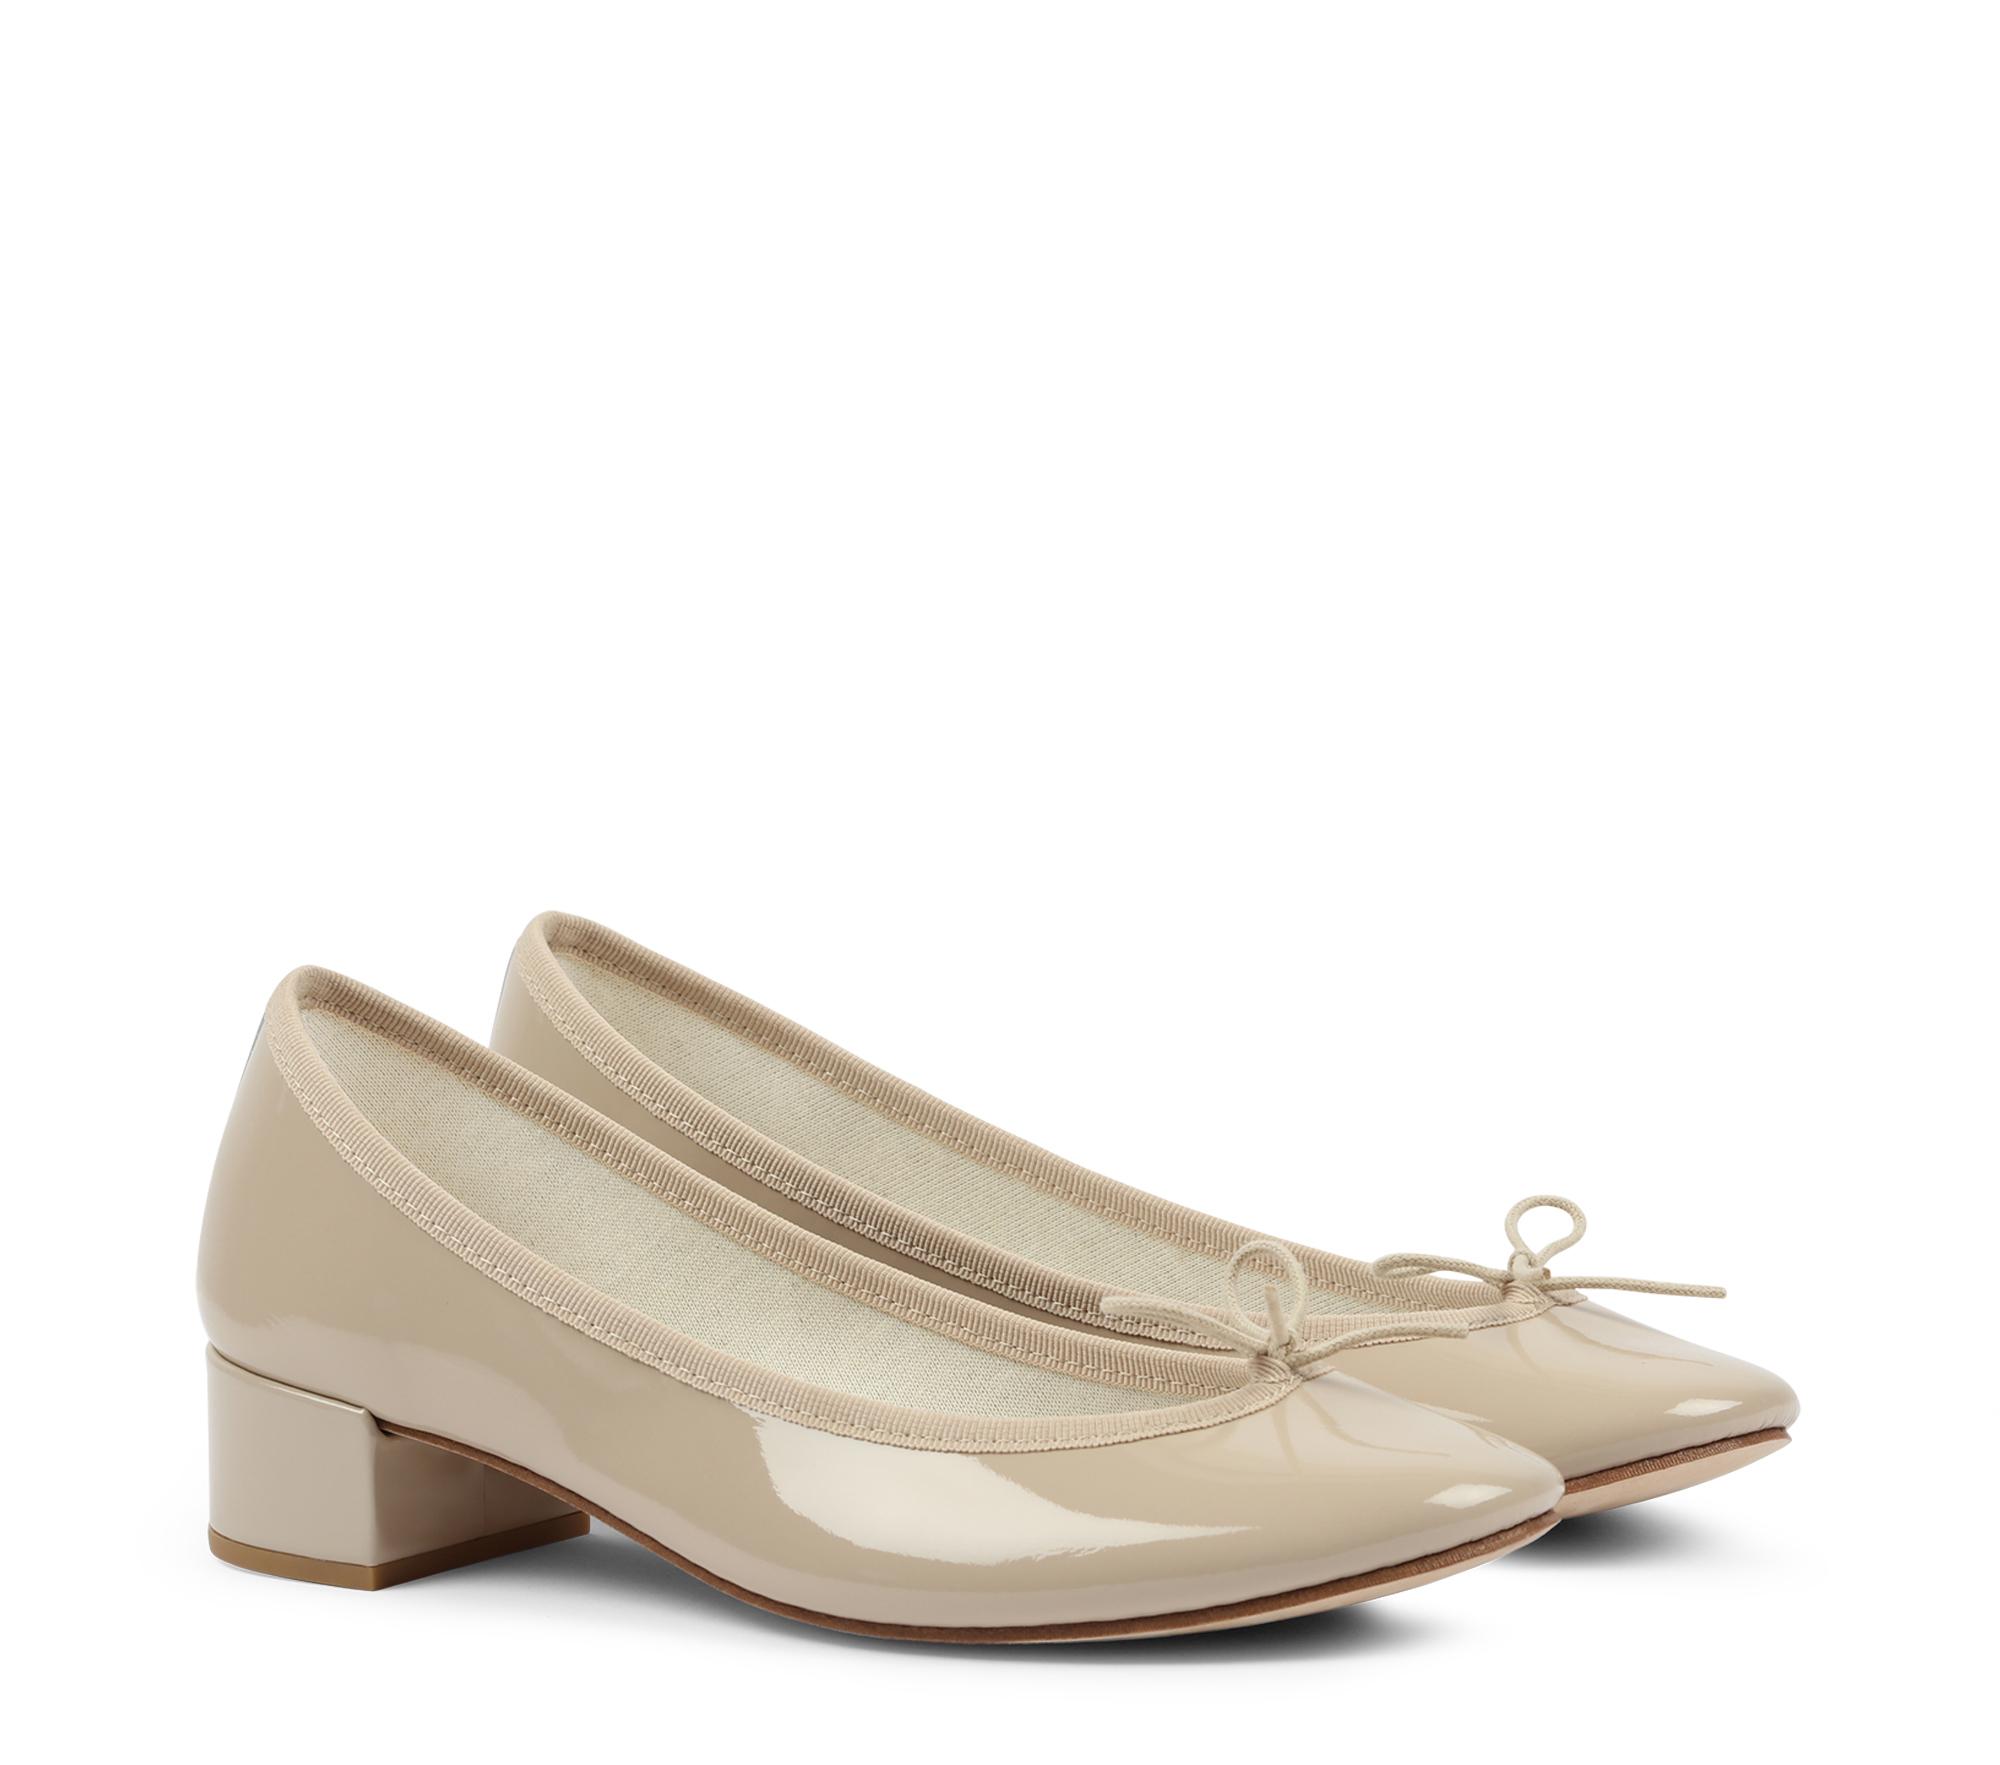 Camille ballerinas